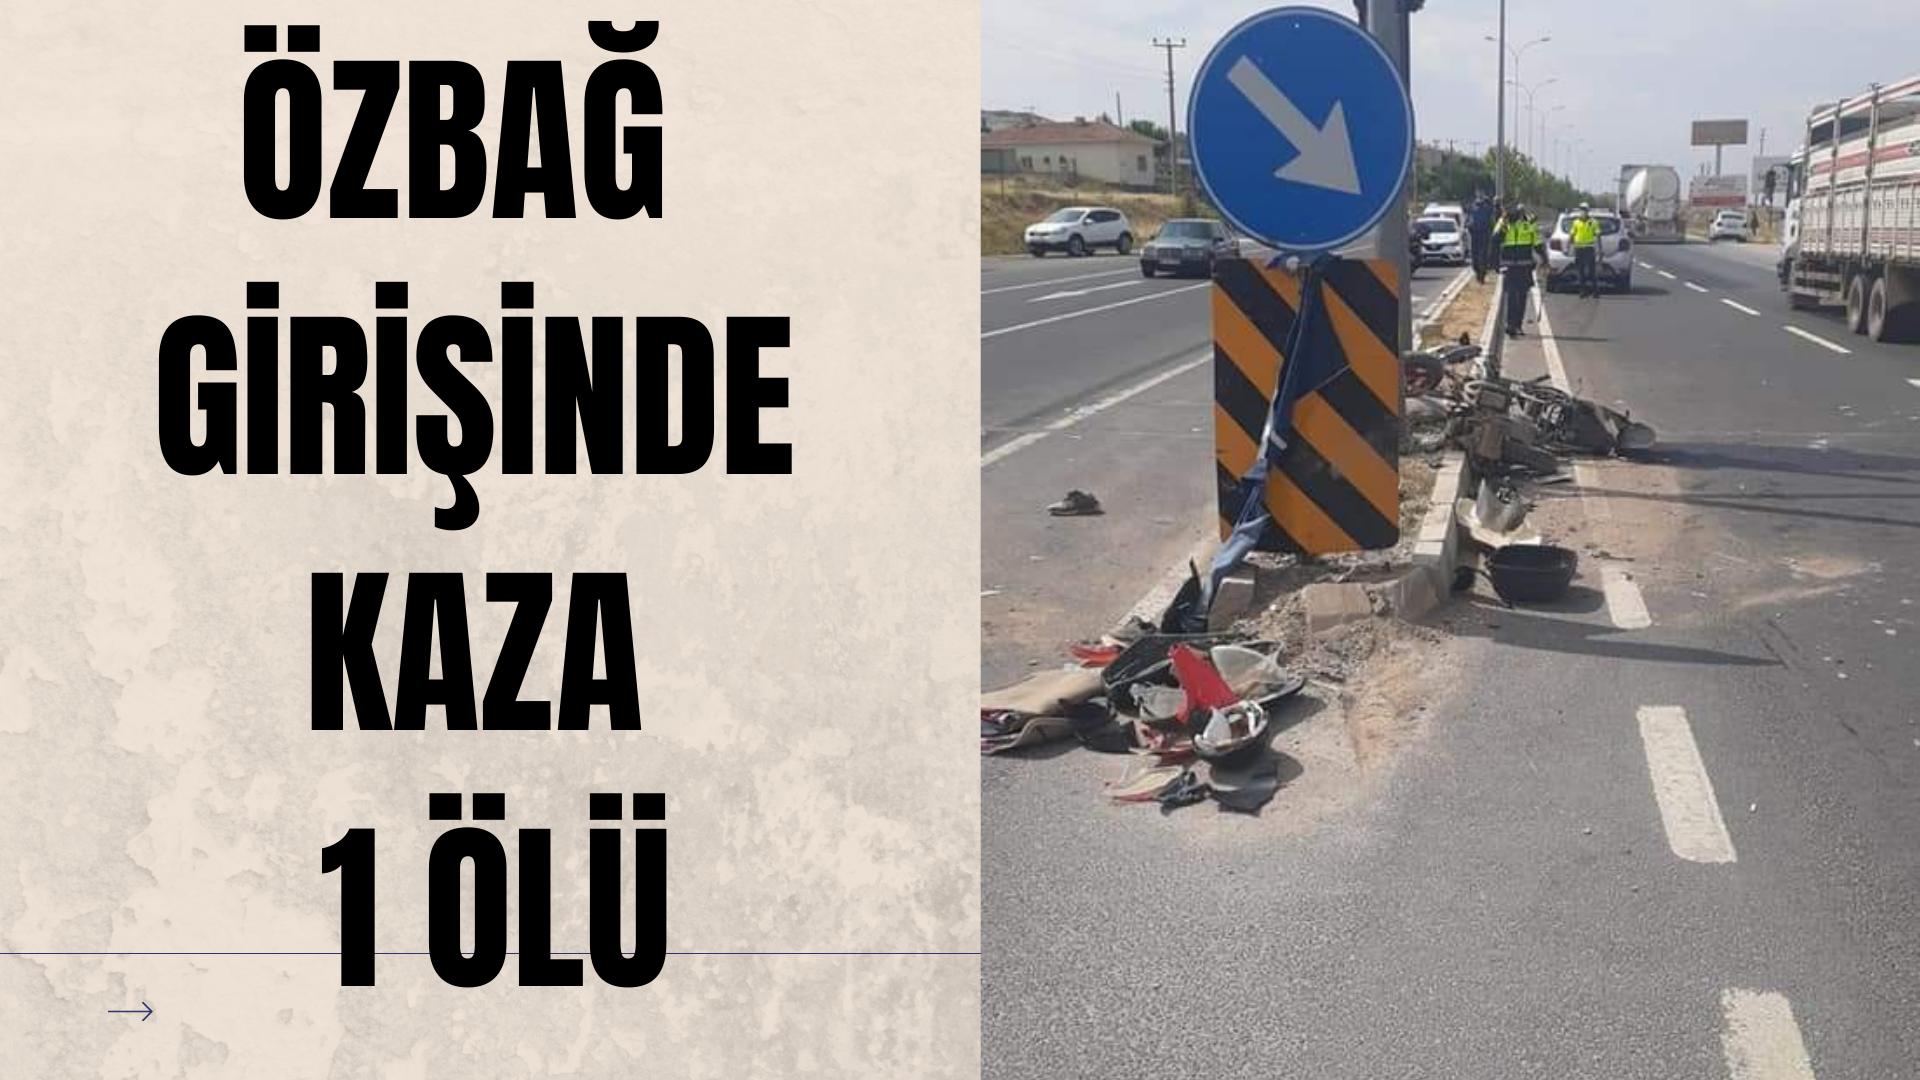 Özbağ girişinde kaza: 1 ölü